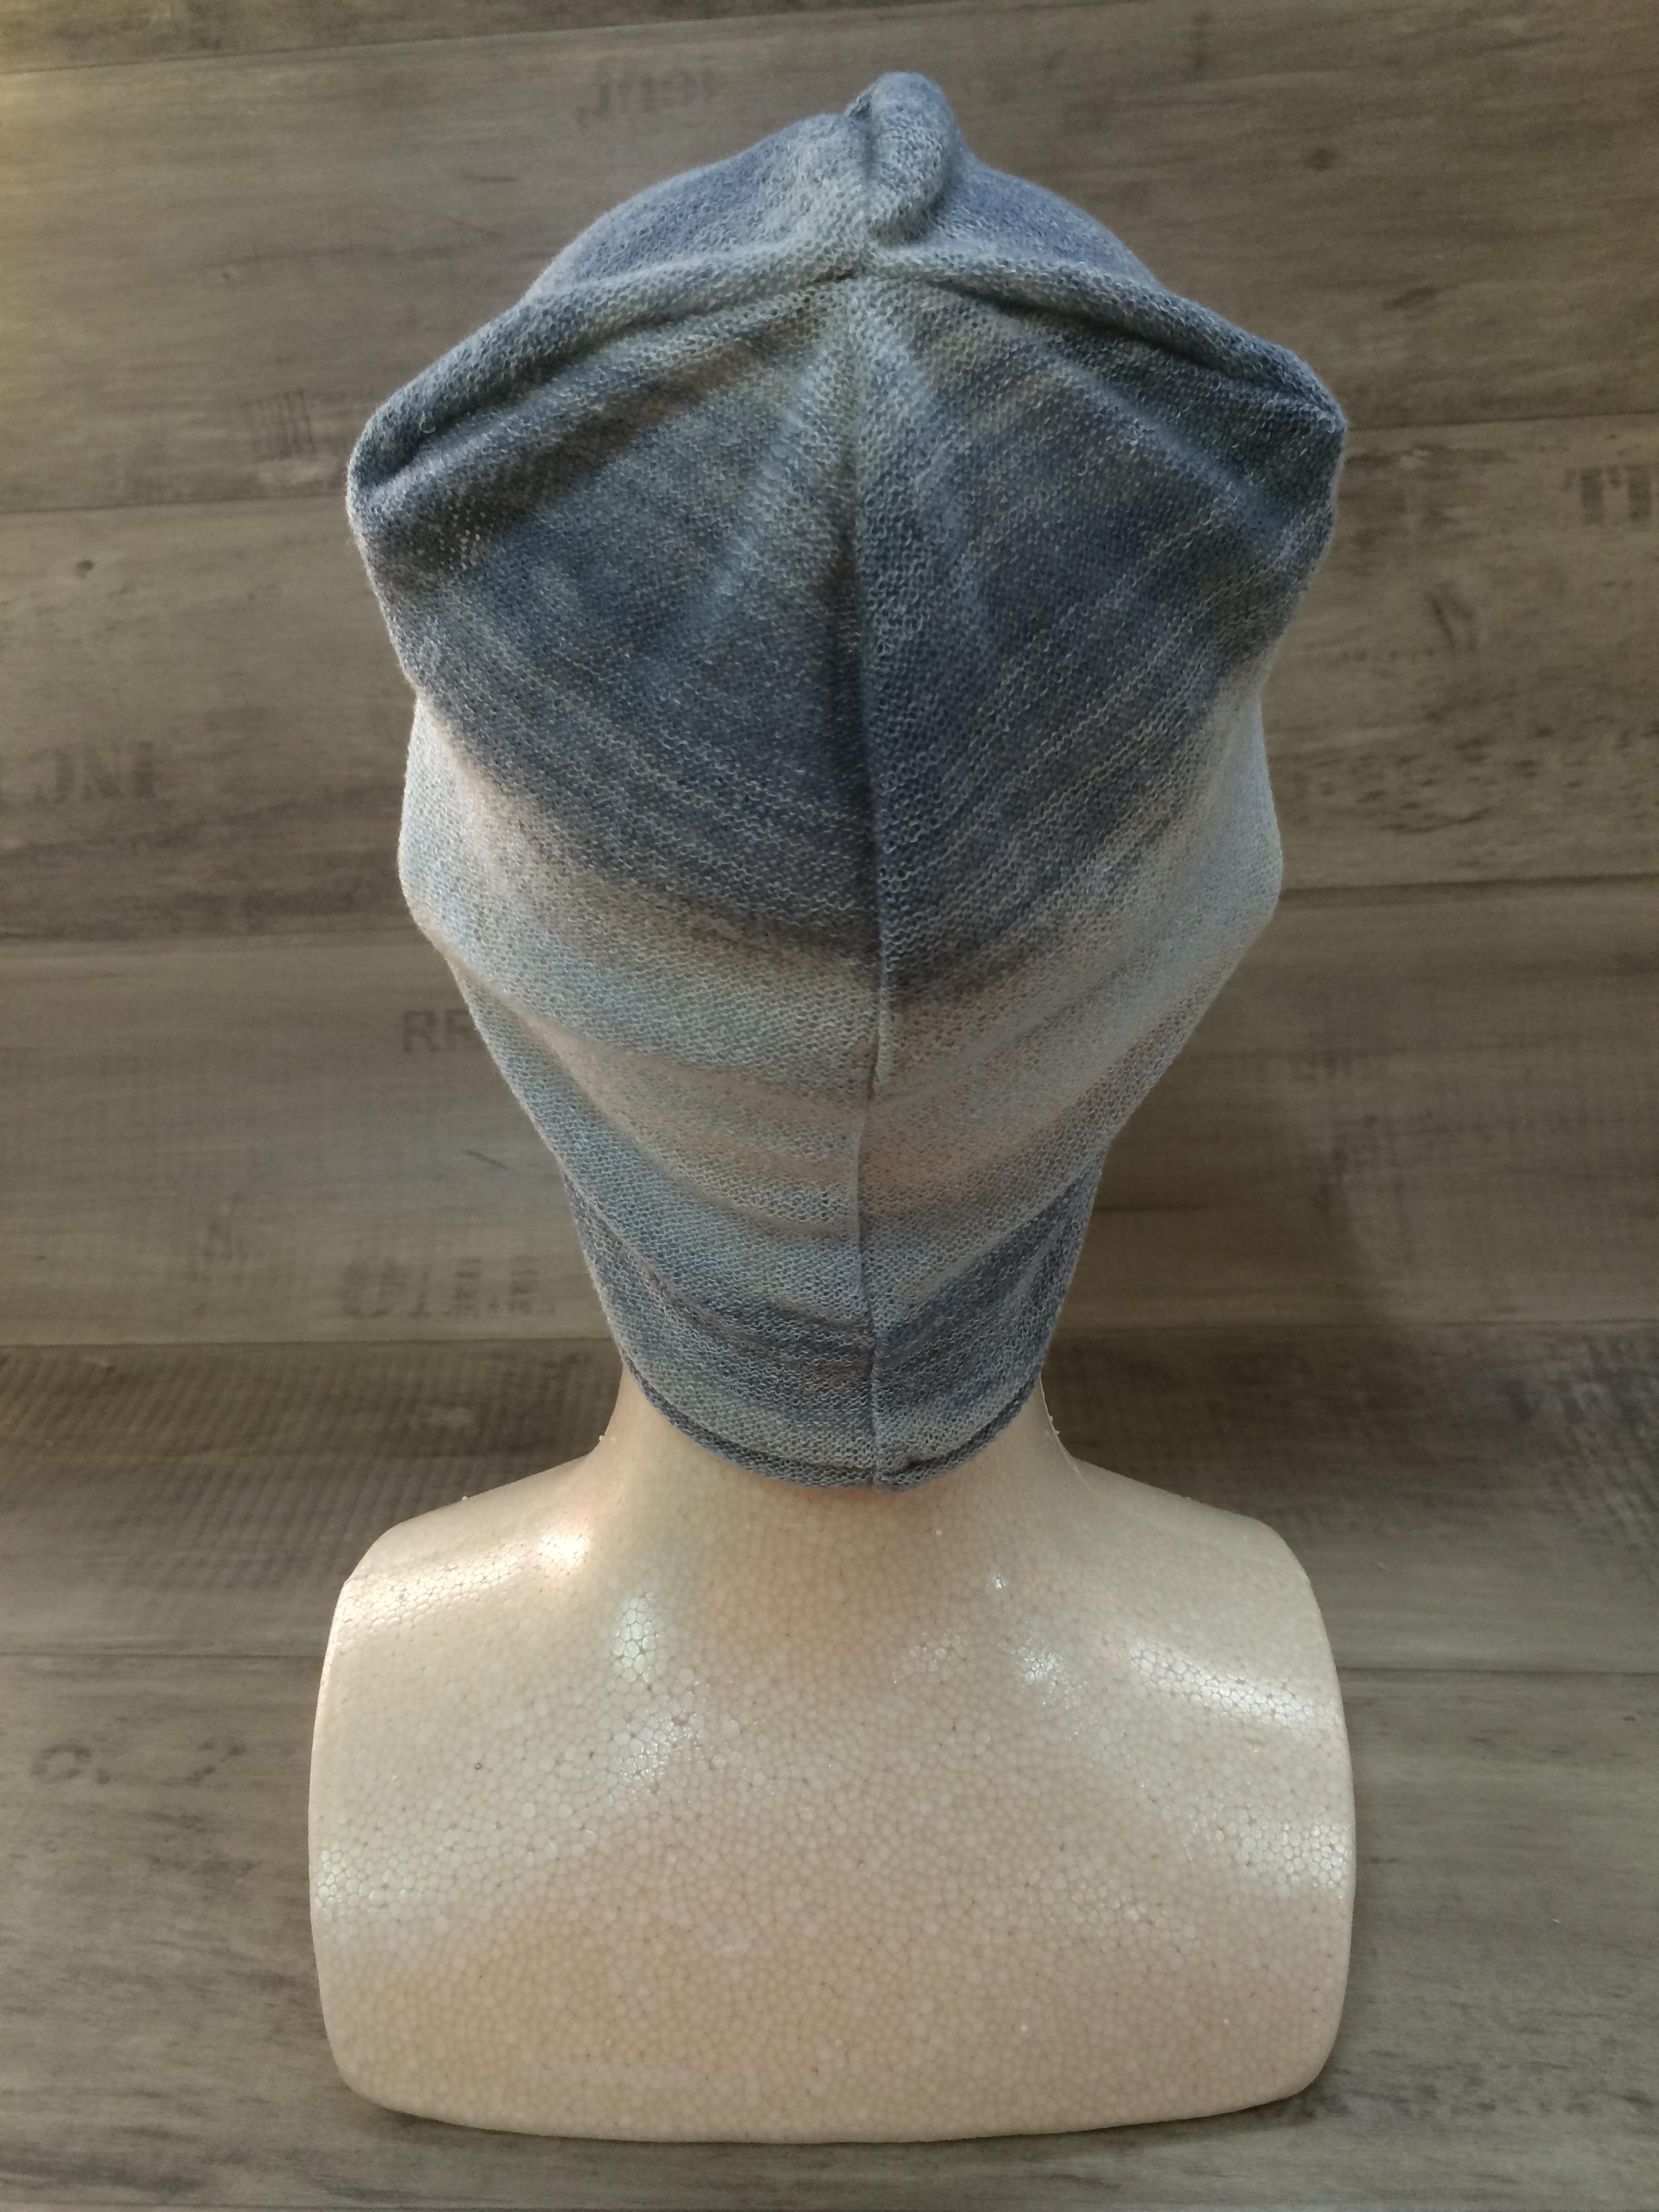 【送料無料】こころが軽くなるニット帽子amuamu|新潟の老舗ニットメーカーが考案した抗がん治療中の脱毛ストレスを軽減する機能性と豊富なデザイン NB-6059|空の海(そらのうみ) - 画像4